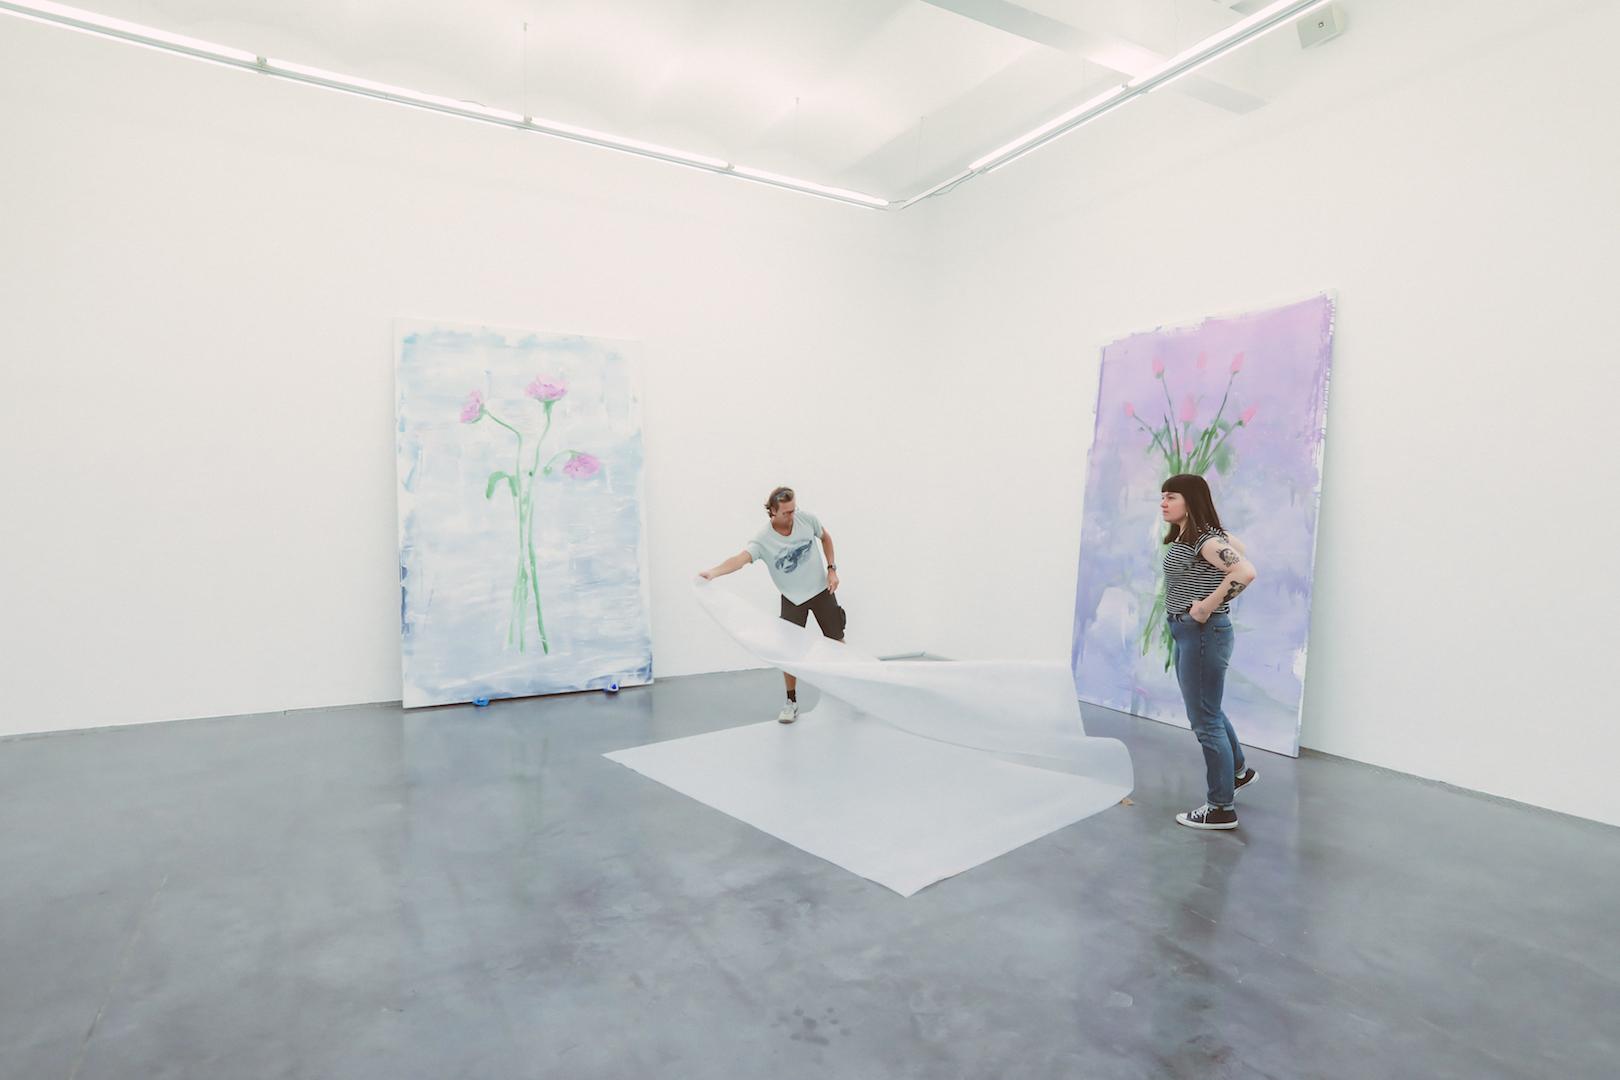 Gregory Forstner 'Des fleurs pour les audacieux' 2021 at FRAC, Montpellier Installation Process